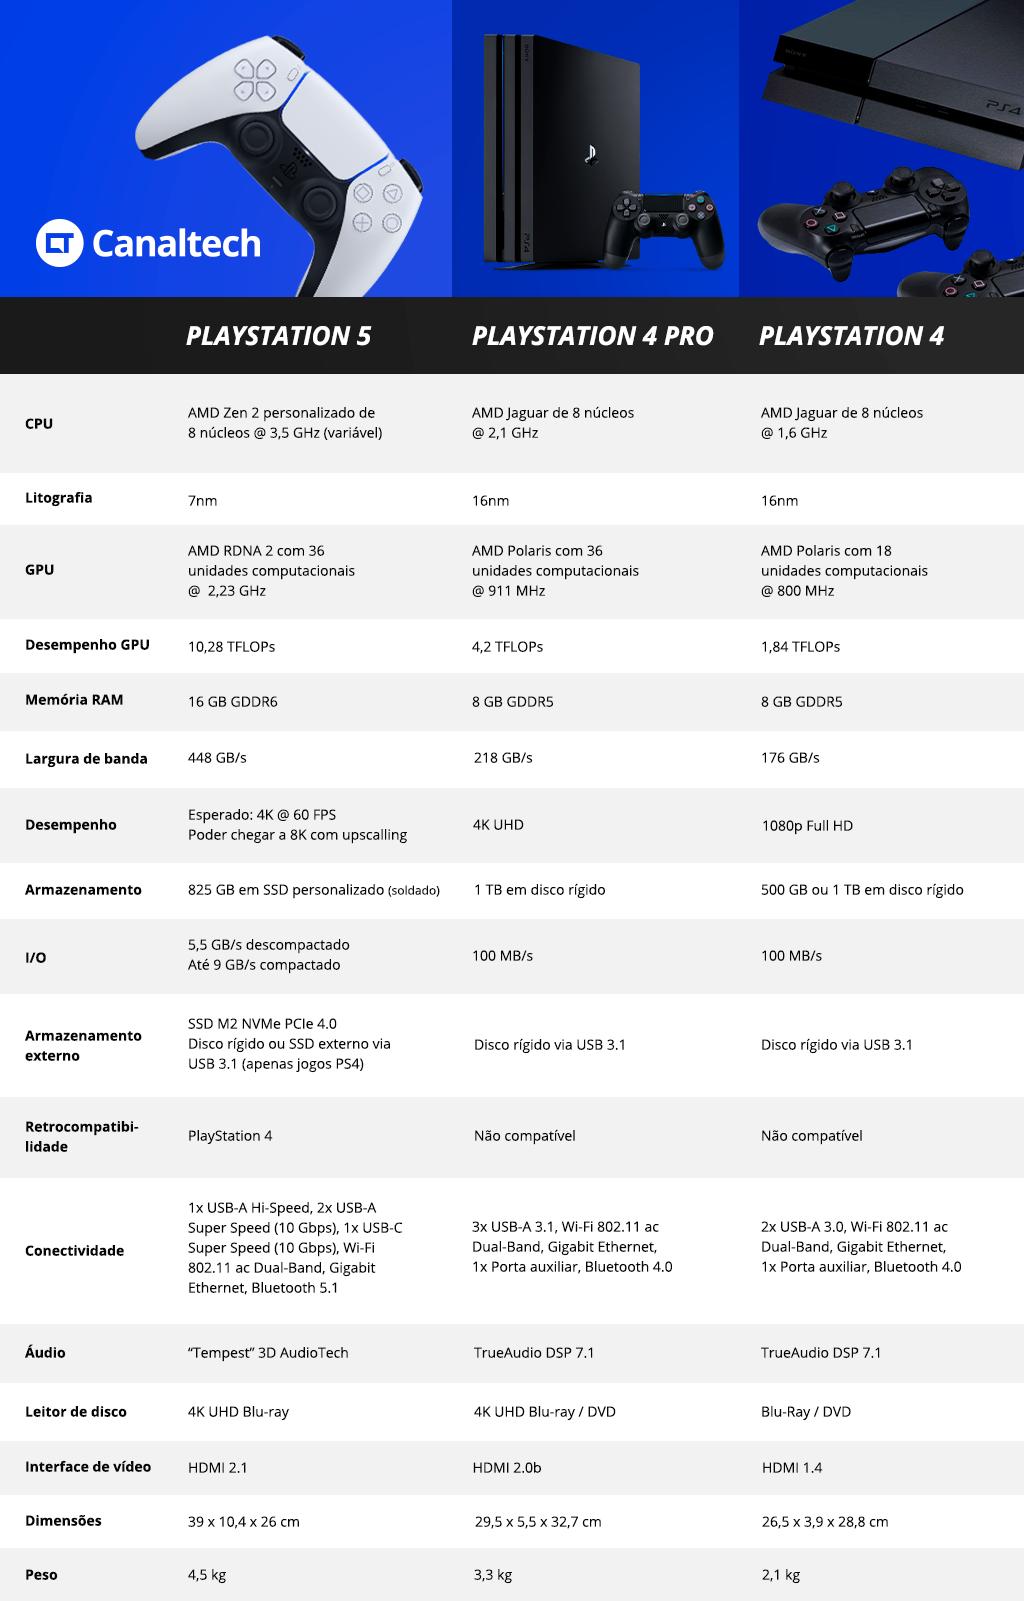 Tabela comparativa de especificações do PlayStation 5, PlayStation 4 Pro e PlayStation 4